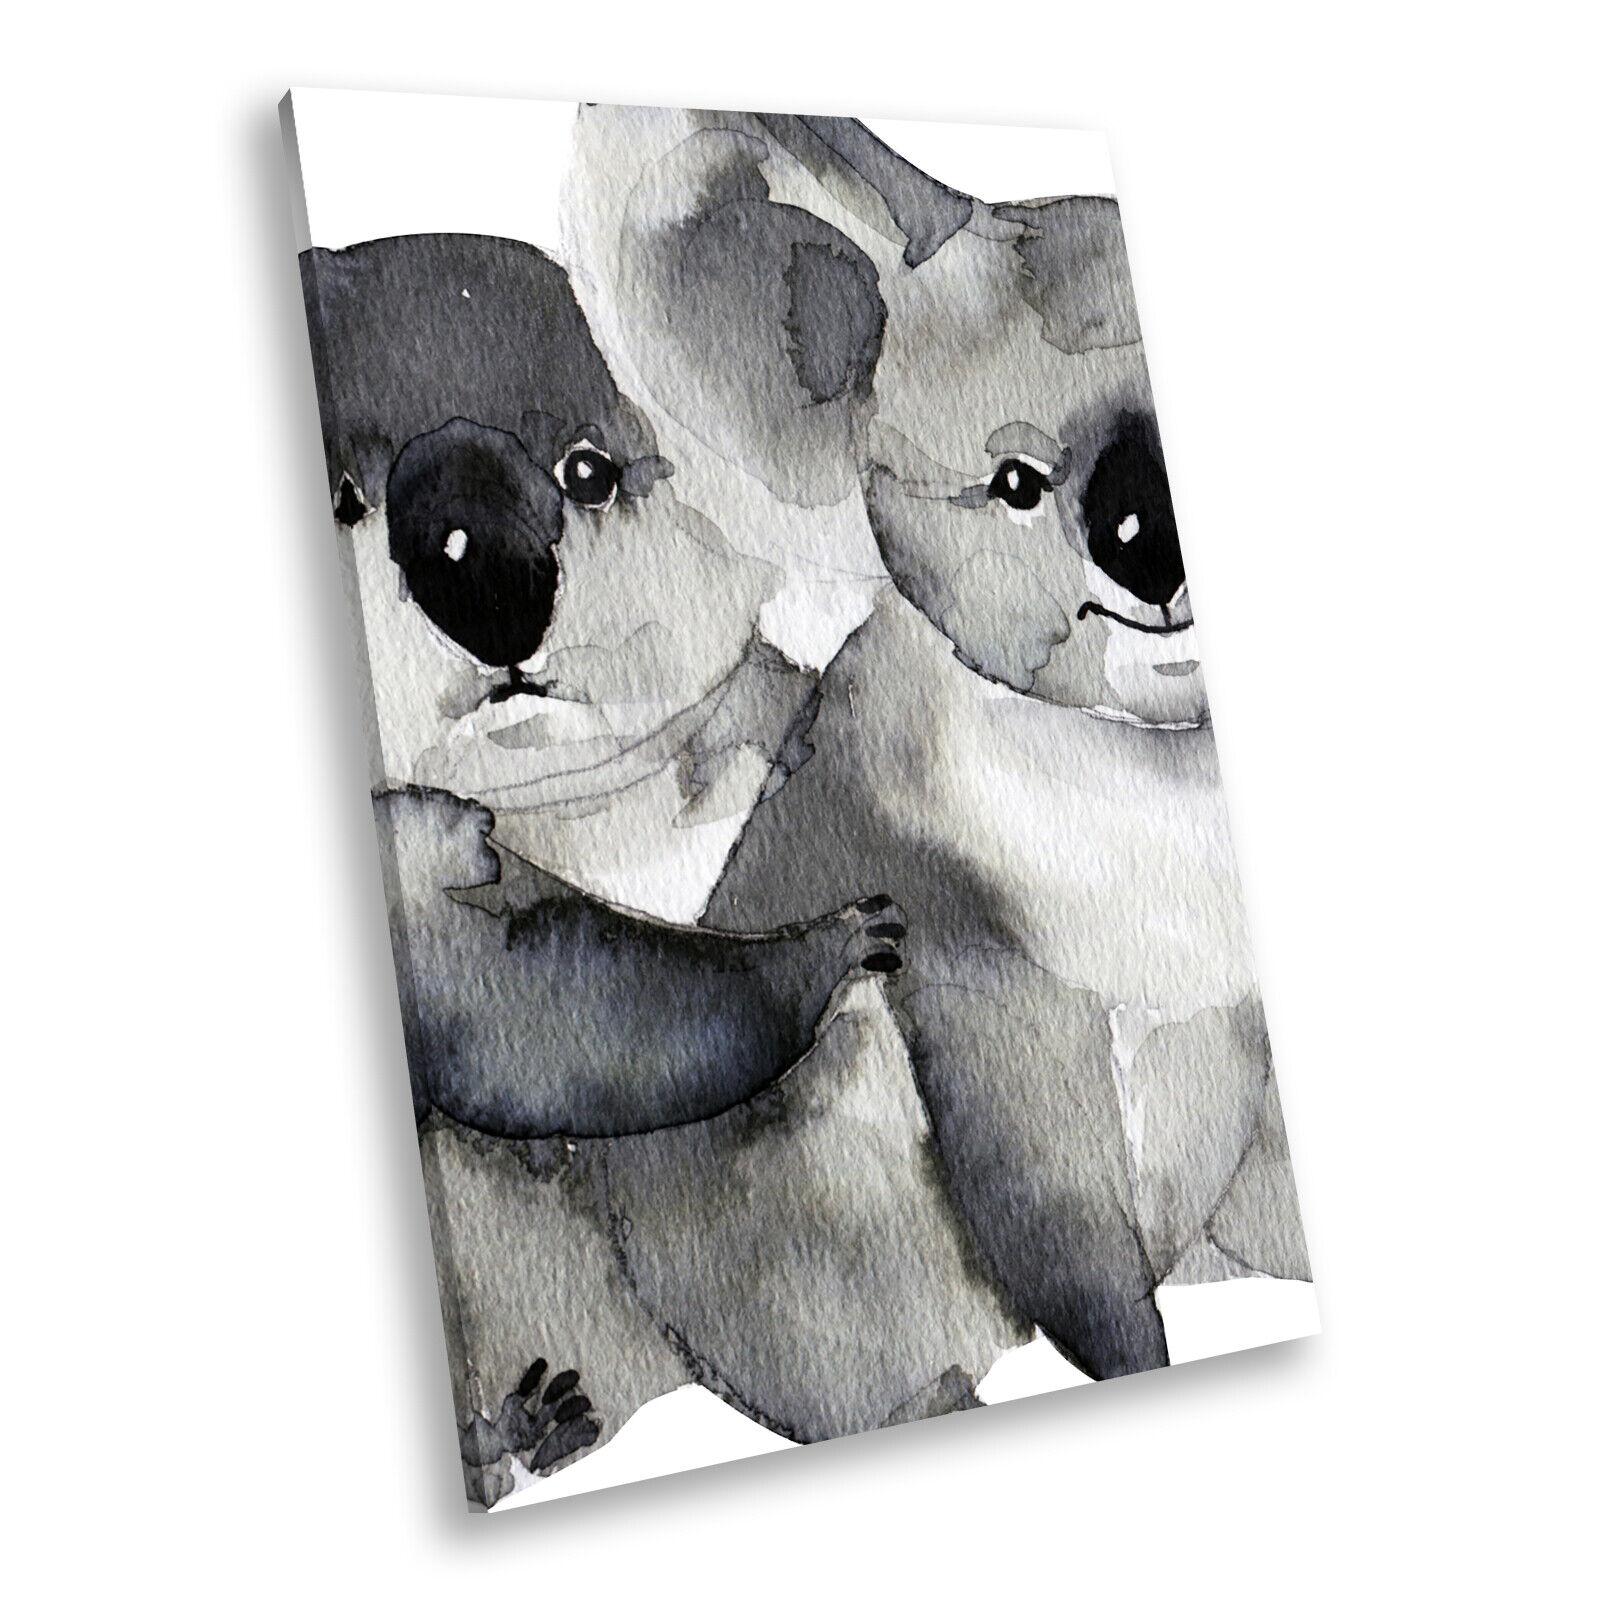 grau Koala Watercolour  Portrait Animal Canvas Wall Art Large Picture Prints